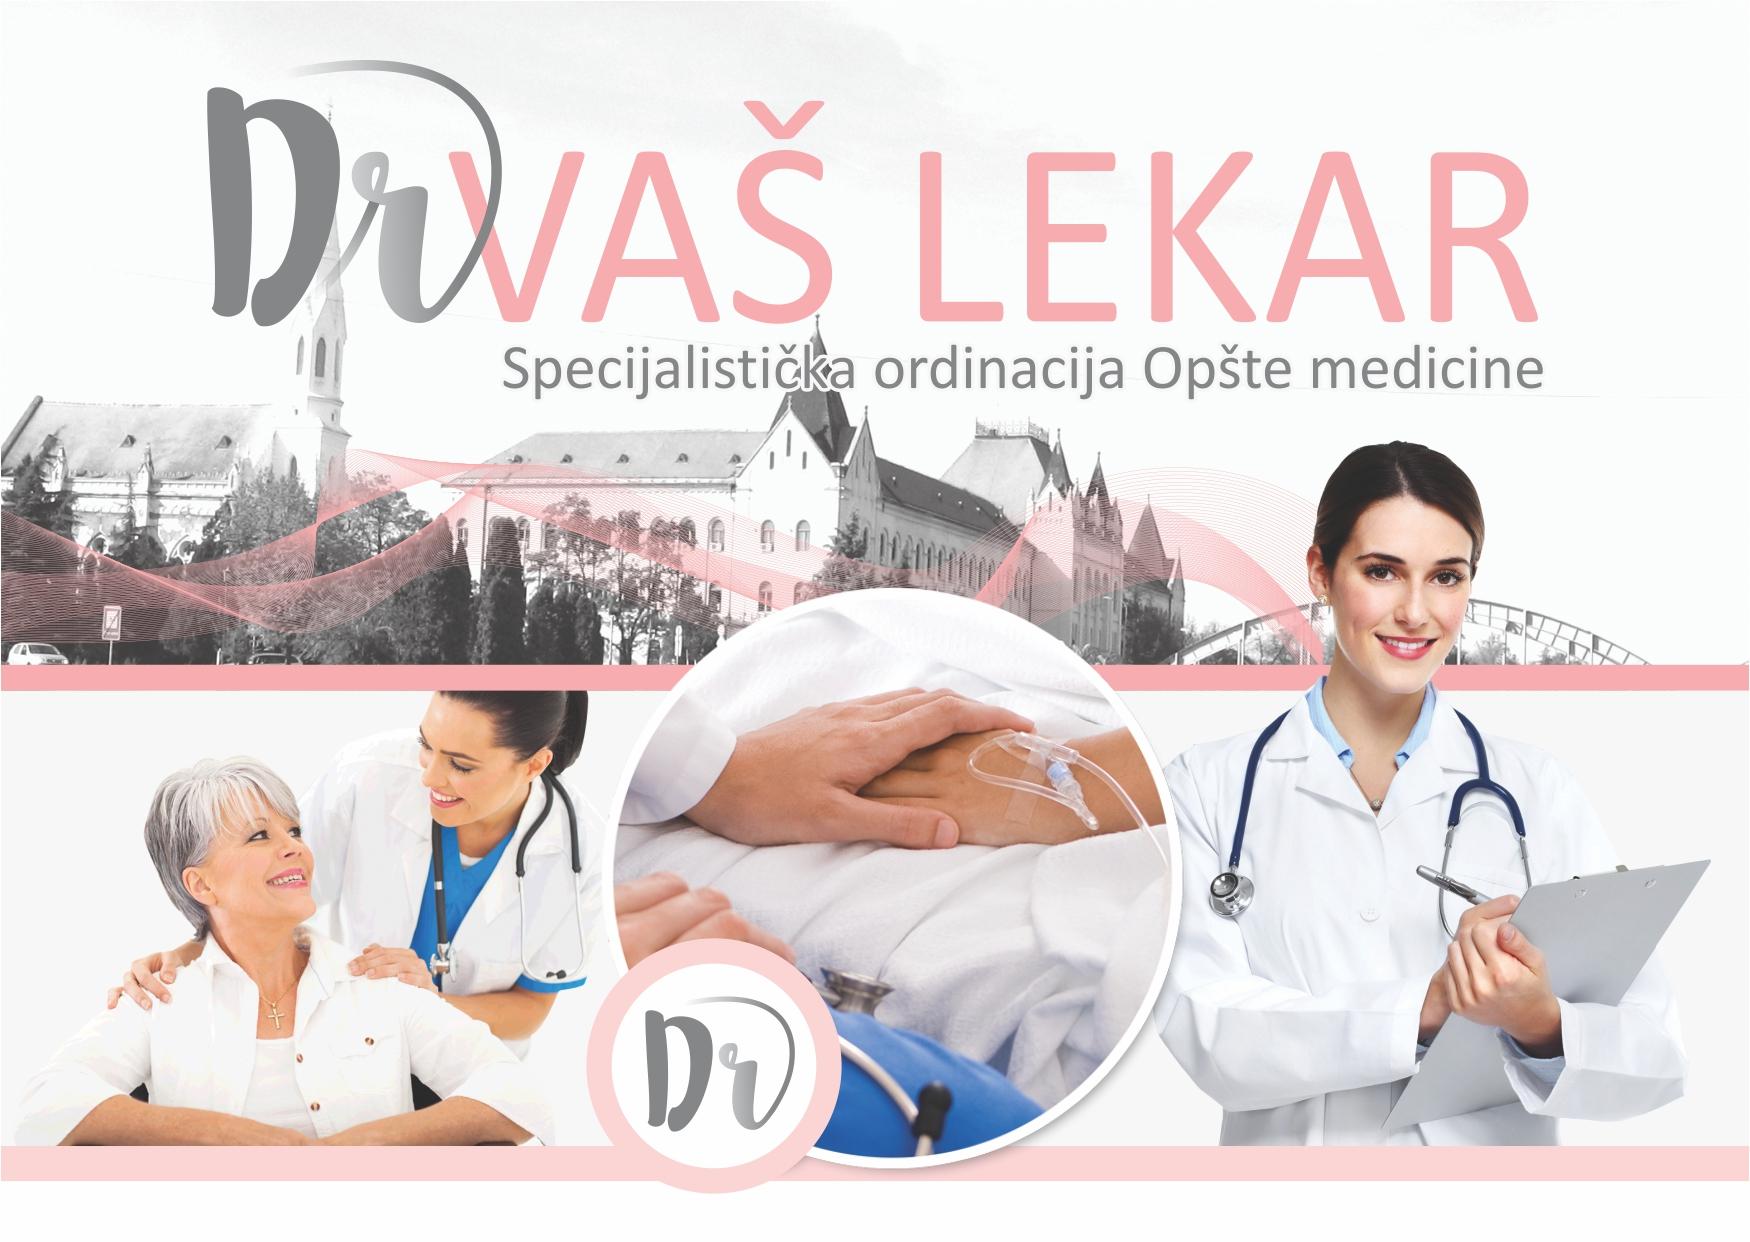 Dr vash lekar - FLAJER 1